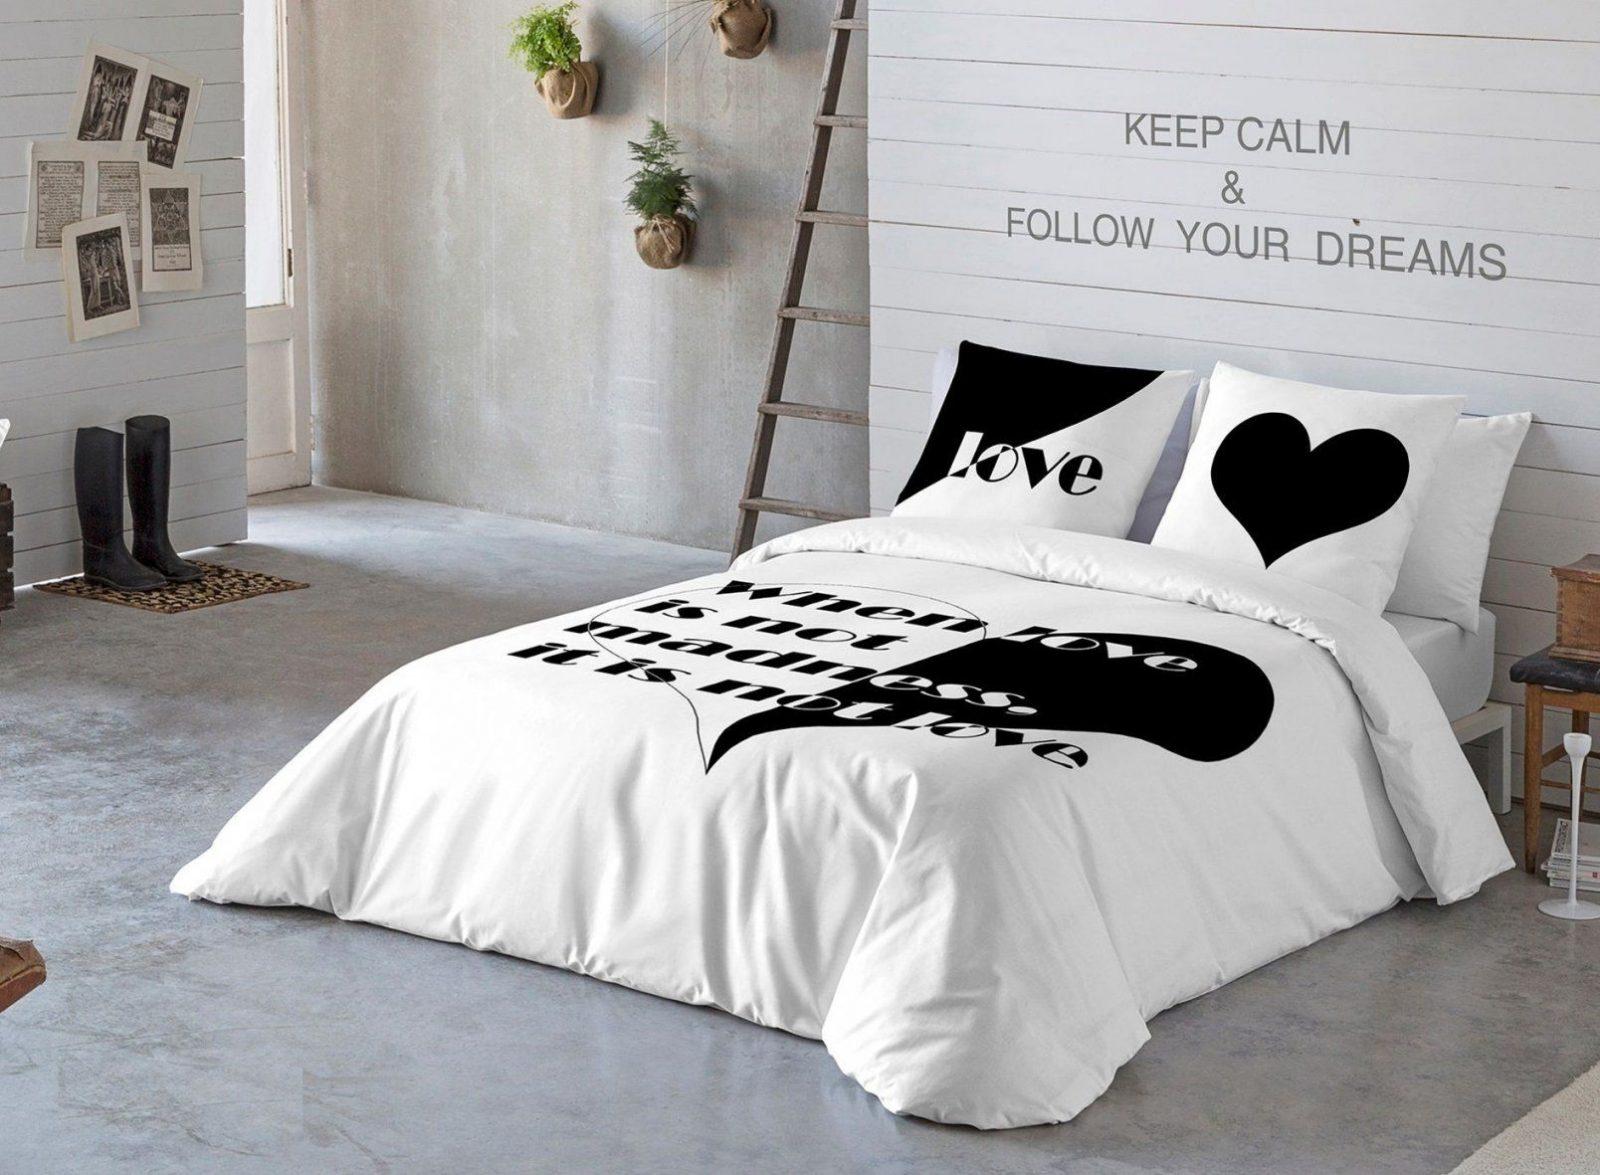 Gemütlich Bettwäsche 200X200 Günstig Ikea  Bettwäsche Ideen von Günstige Bettwäsche 200X200 Bild